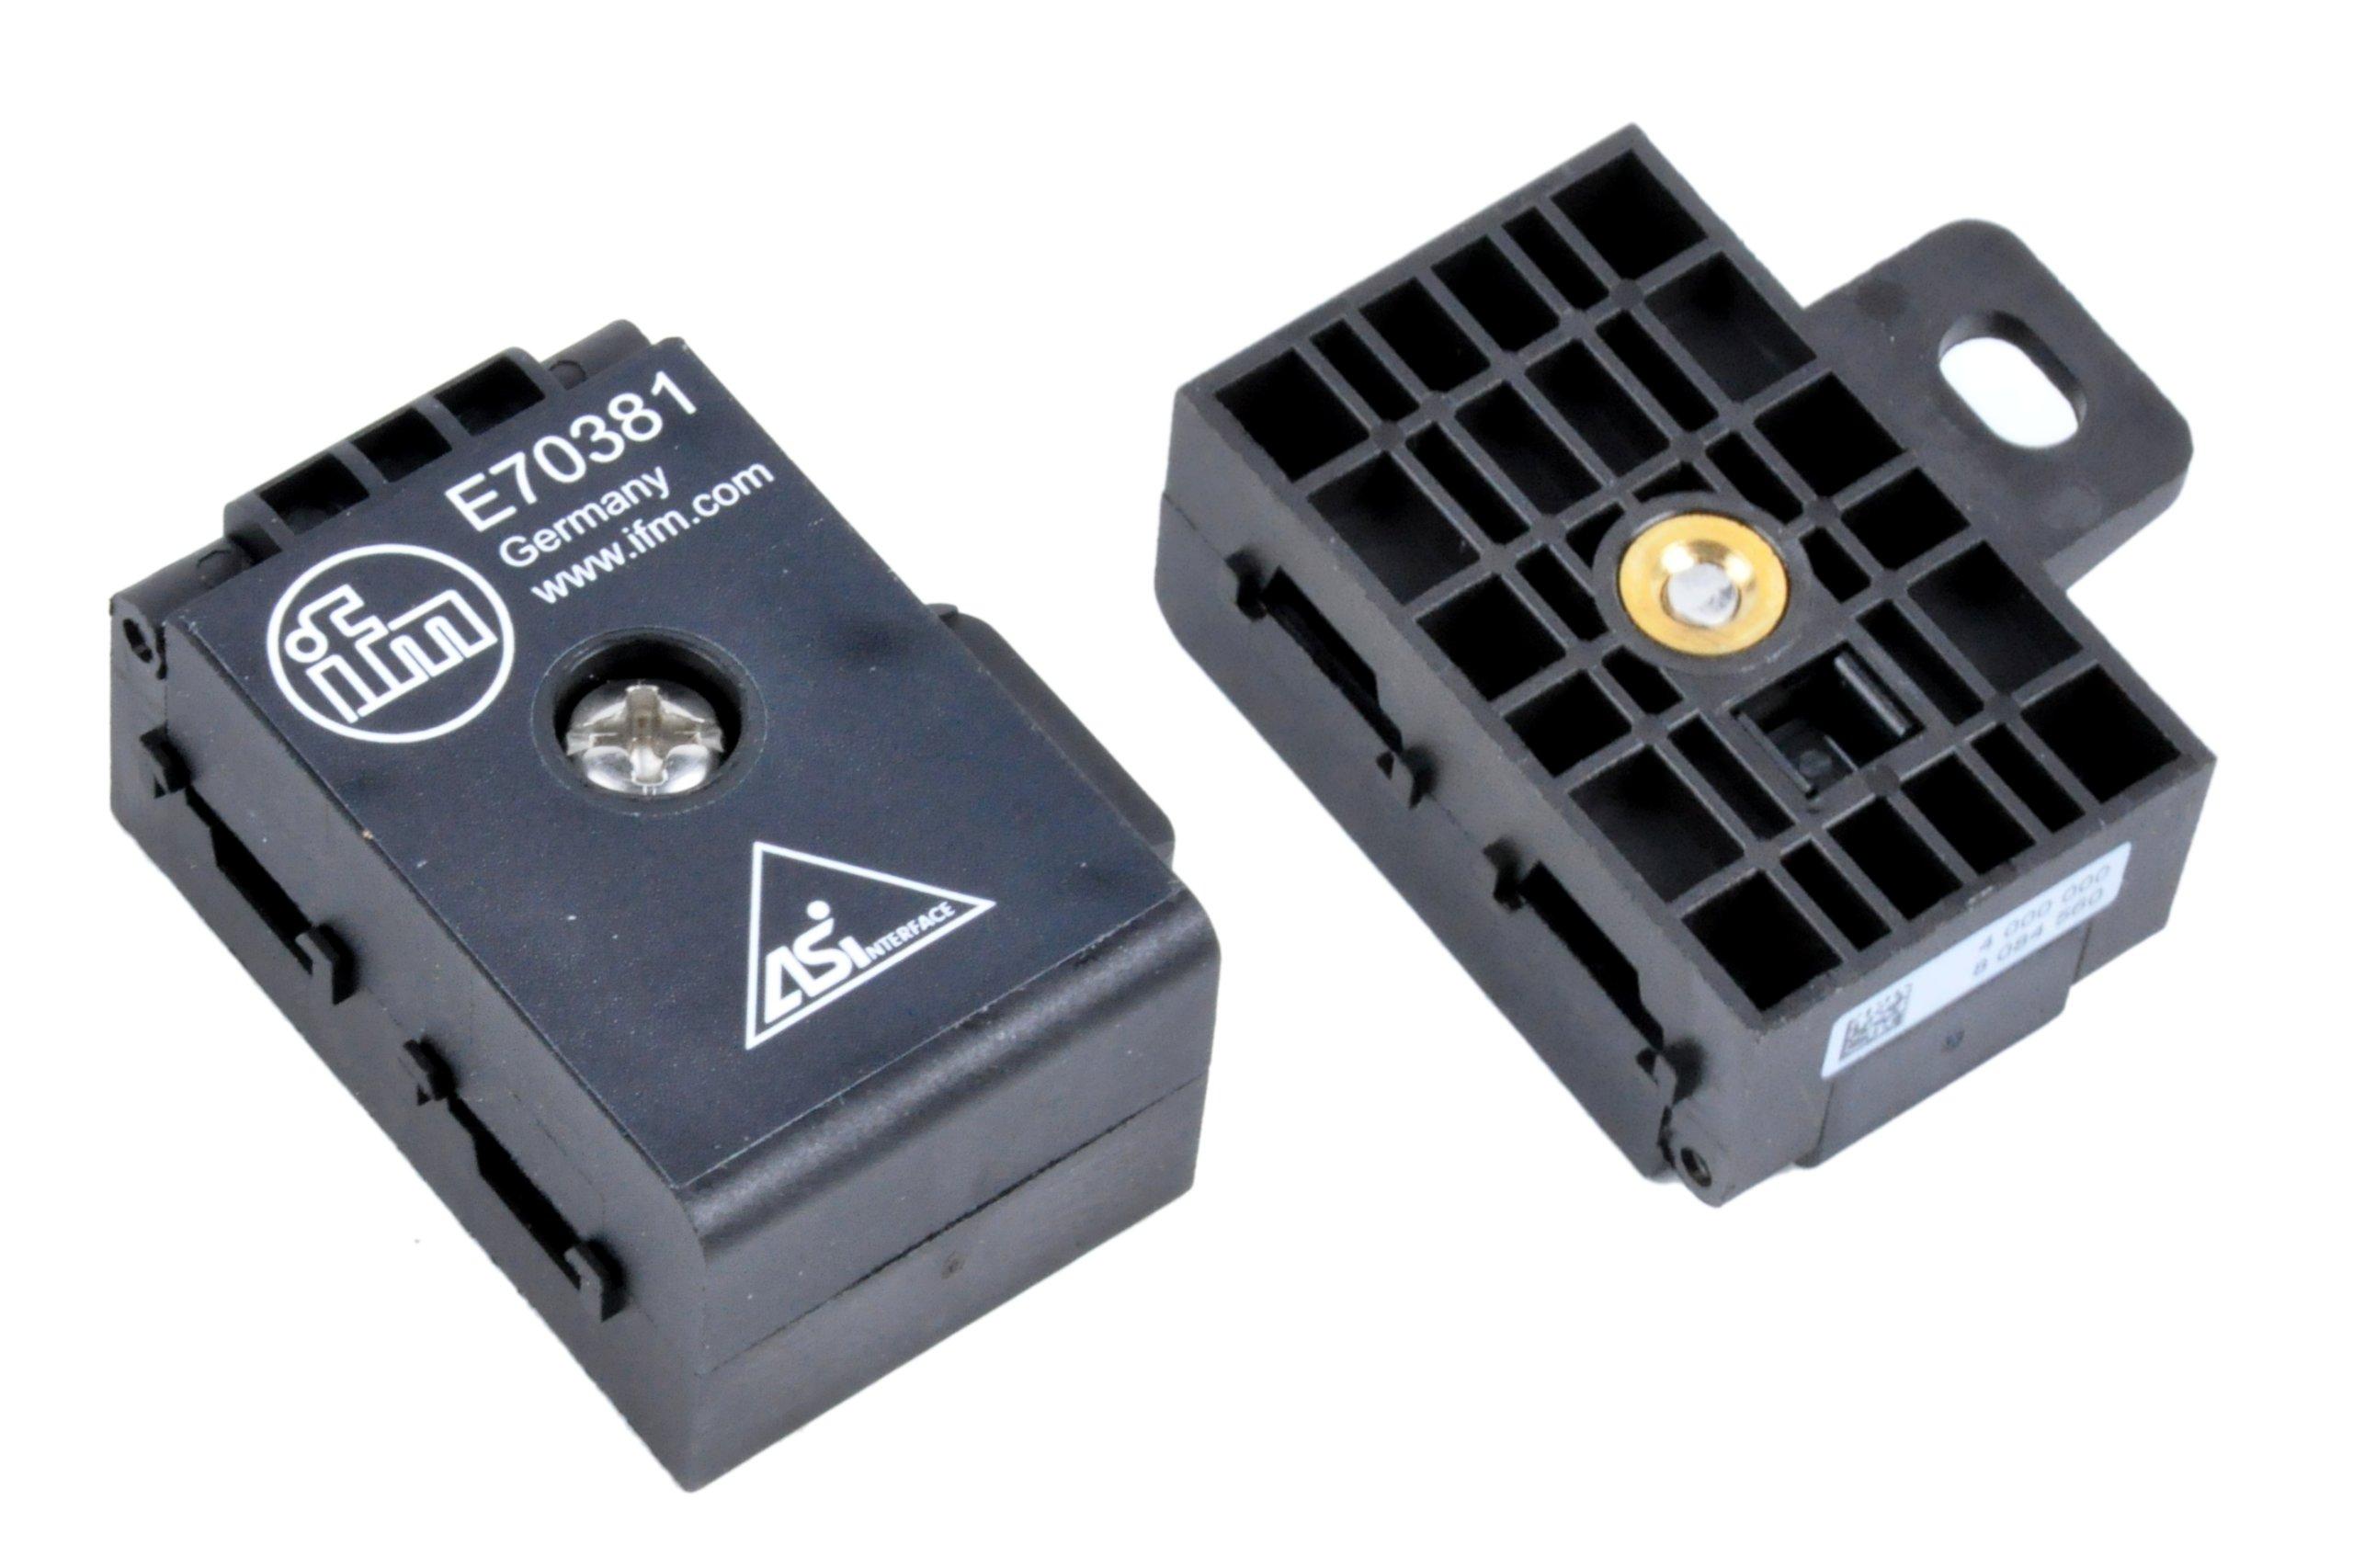 IFM rozdzielacz AS-i, FC splitter asi E70381